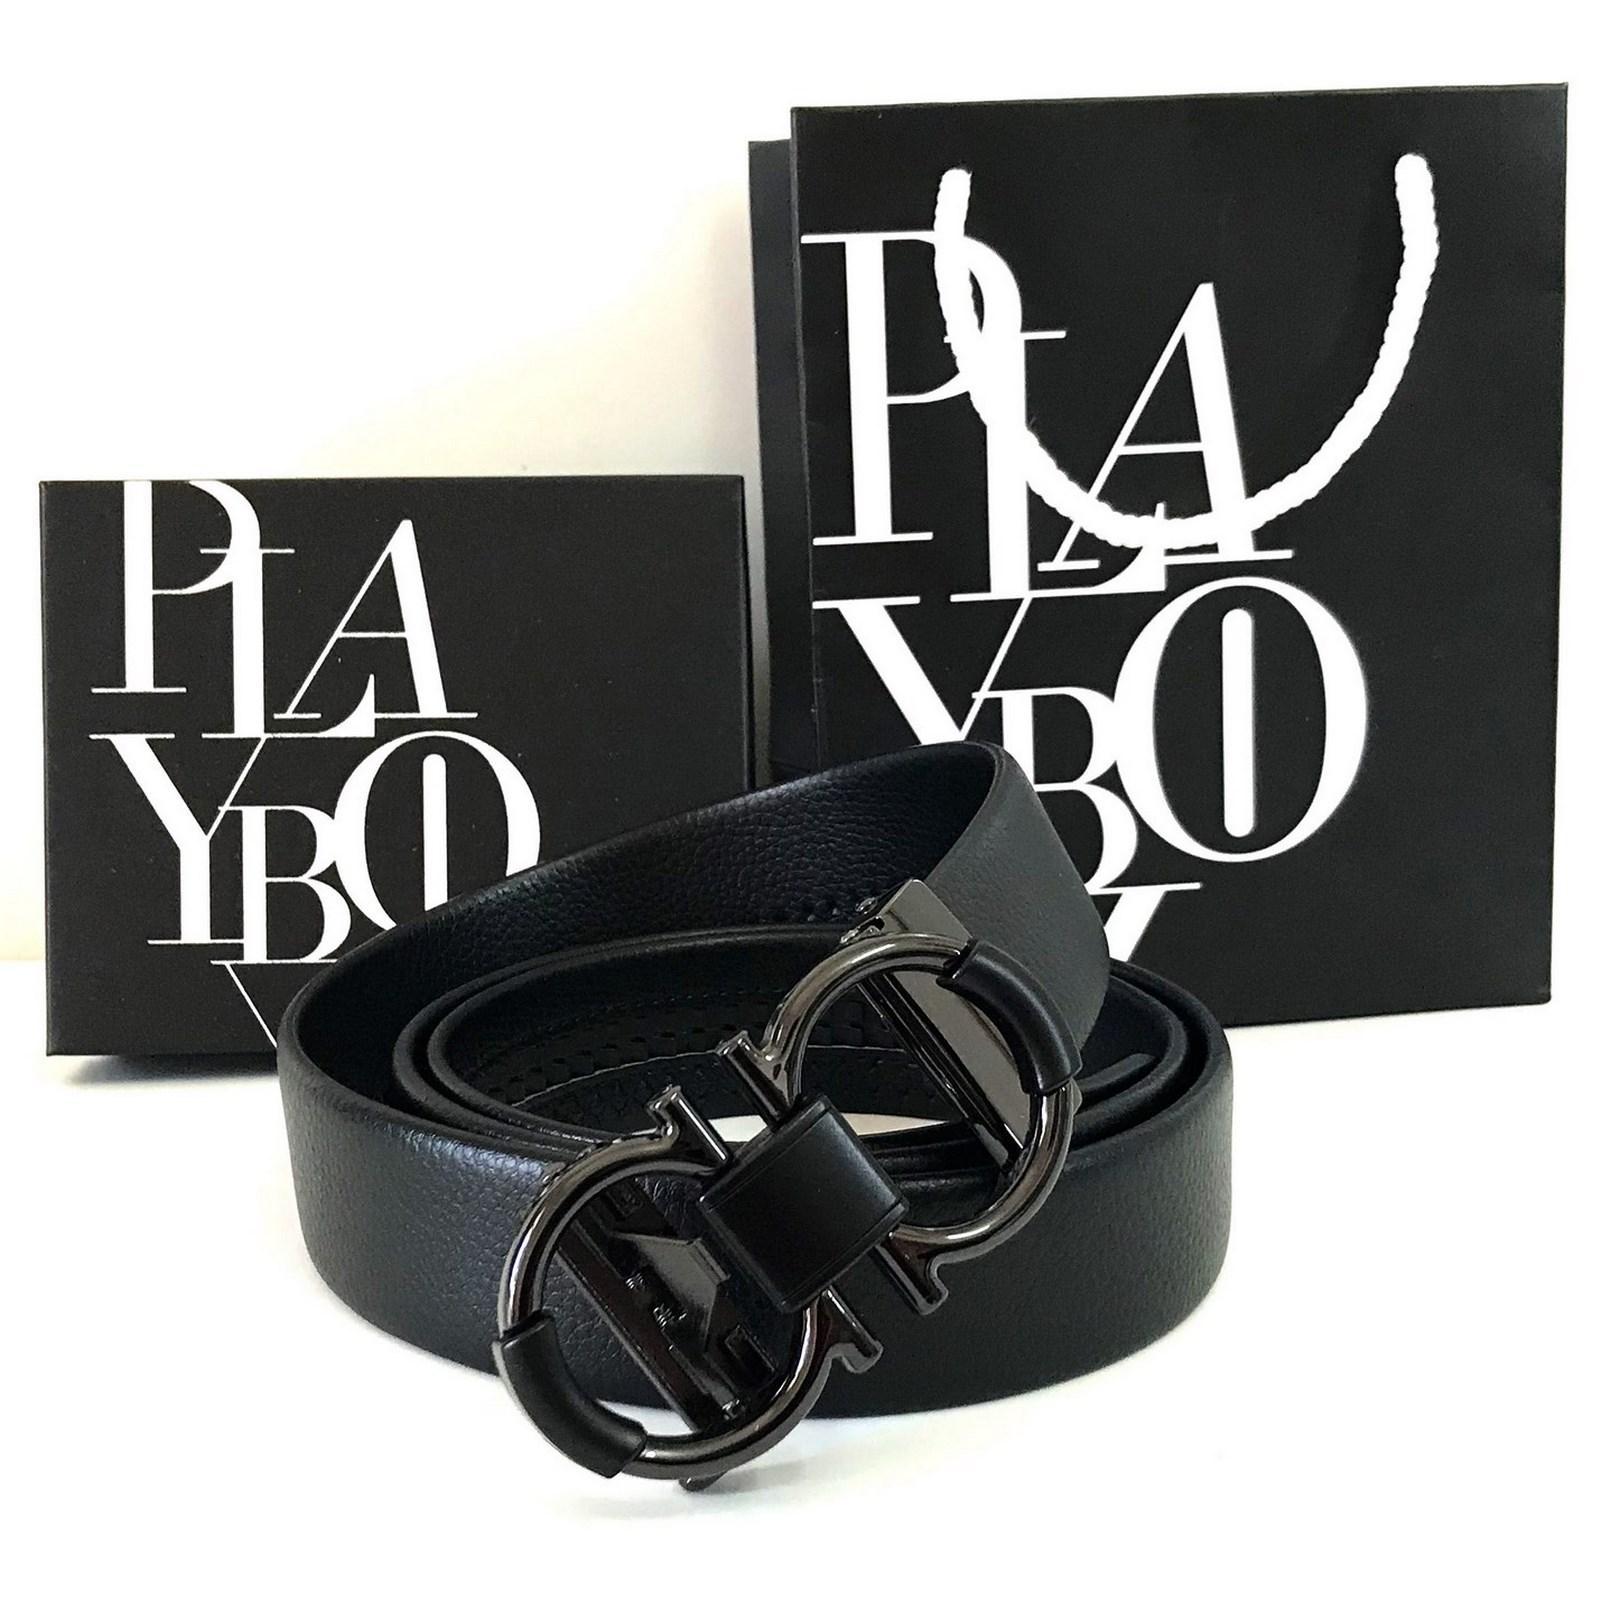 Thắt lưng/ dây nịt nam  khóa tự động có hộp đựng và túi  tặng kèm làm quà tặng ( dòng cao cấp)